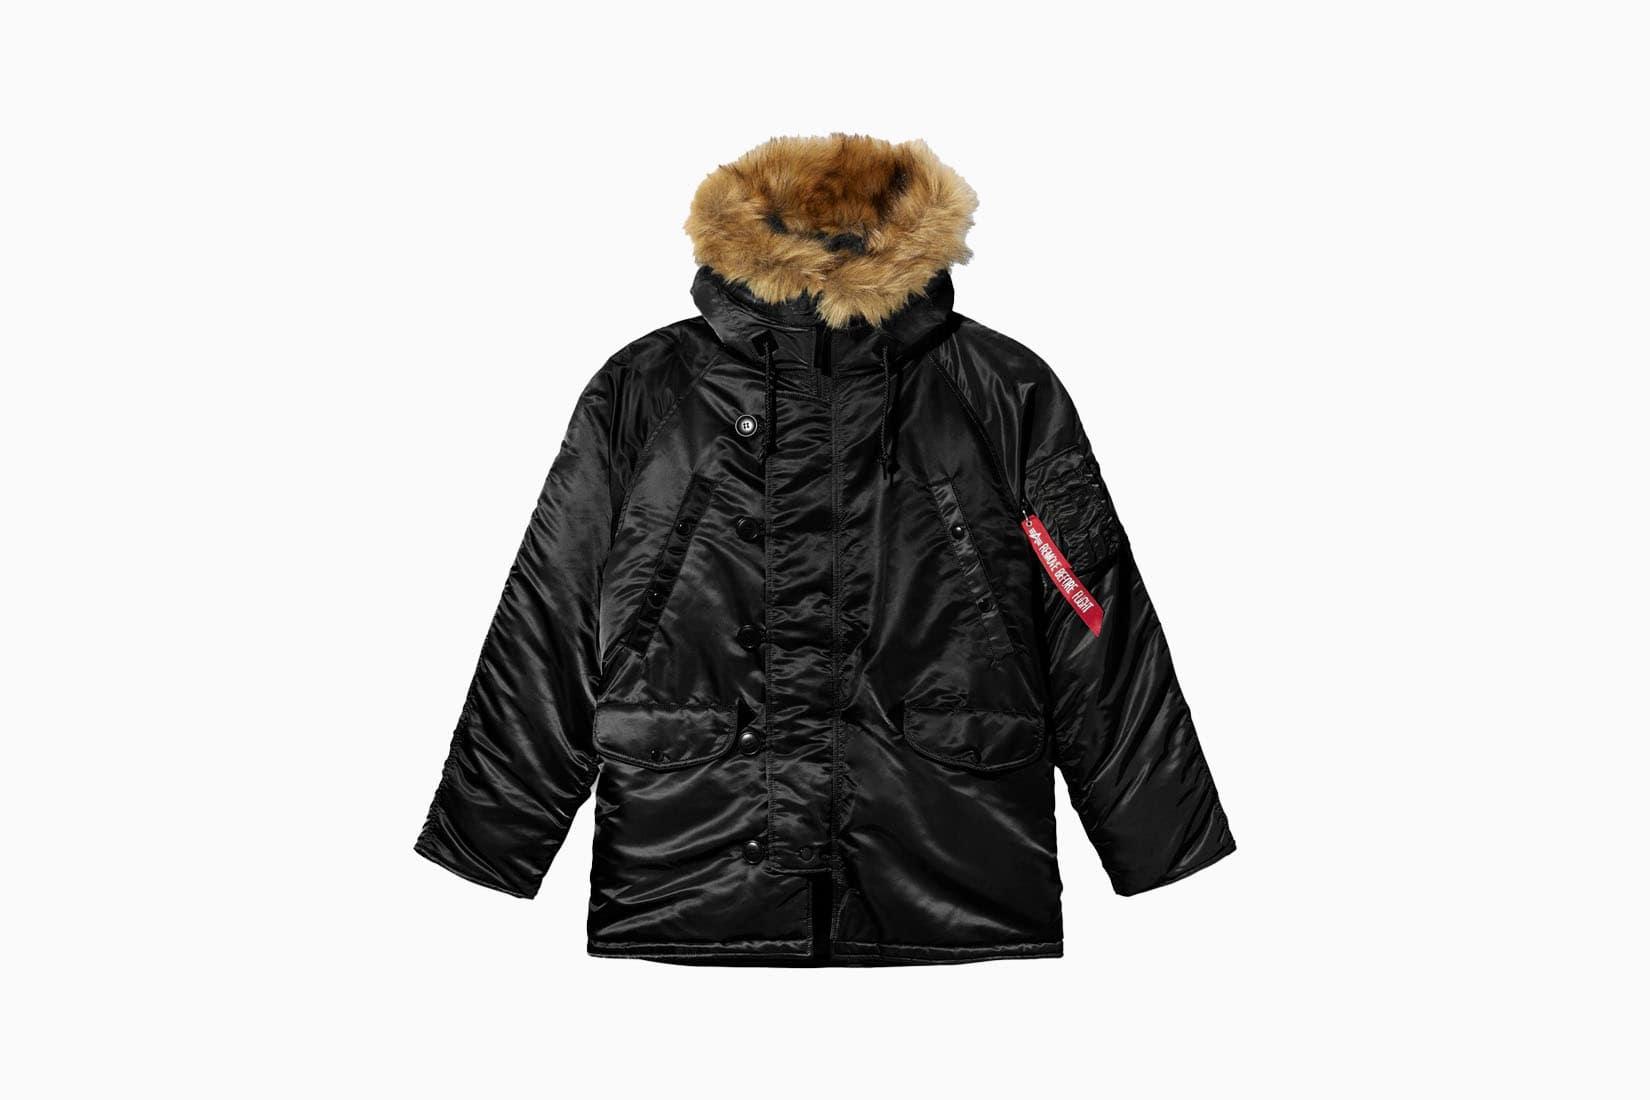 best men field jackets alpha industries n3 b review Luxe Digital